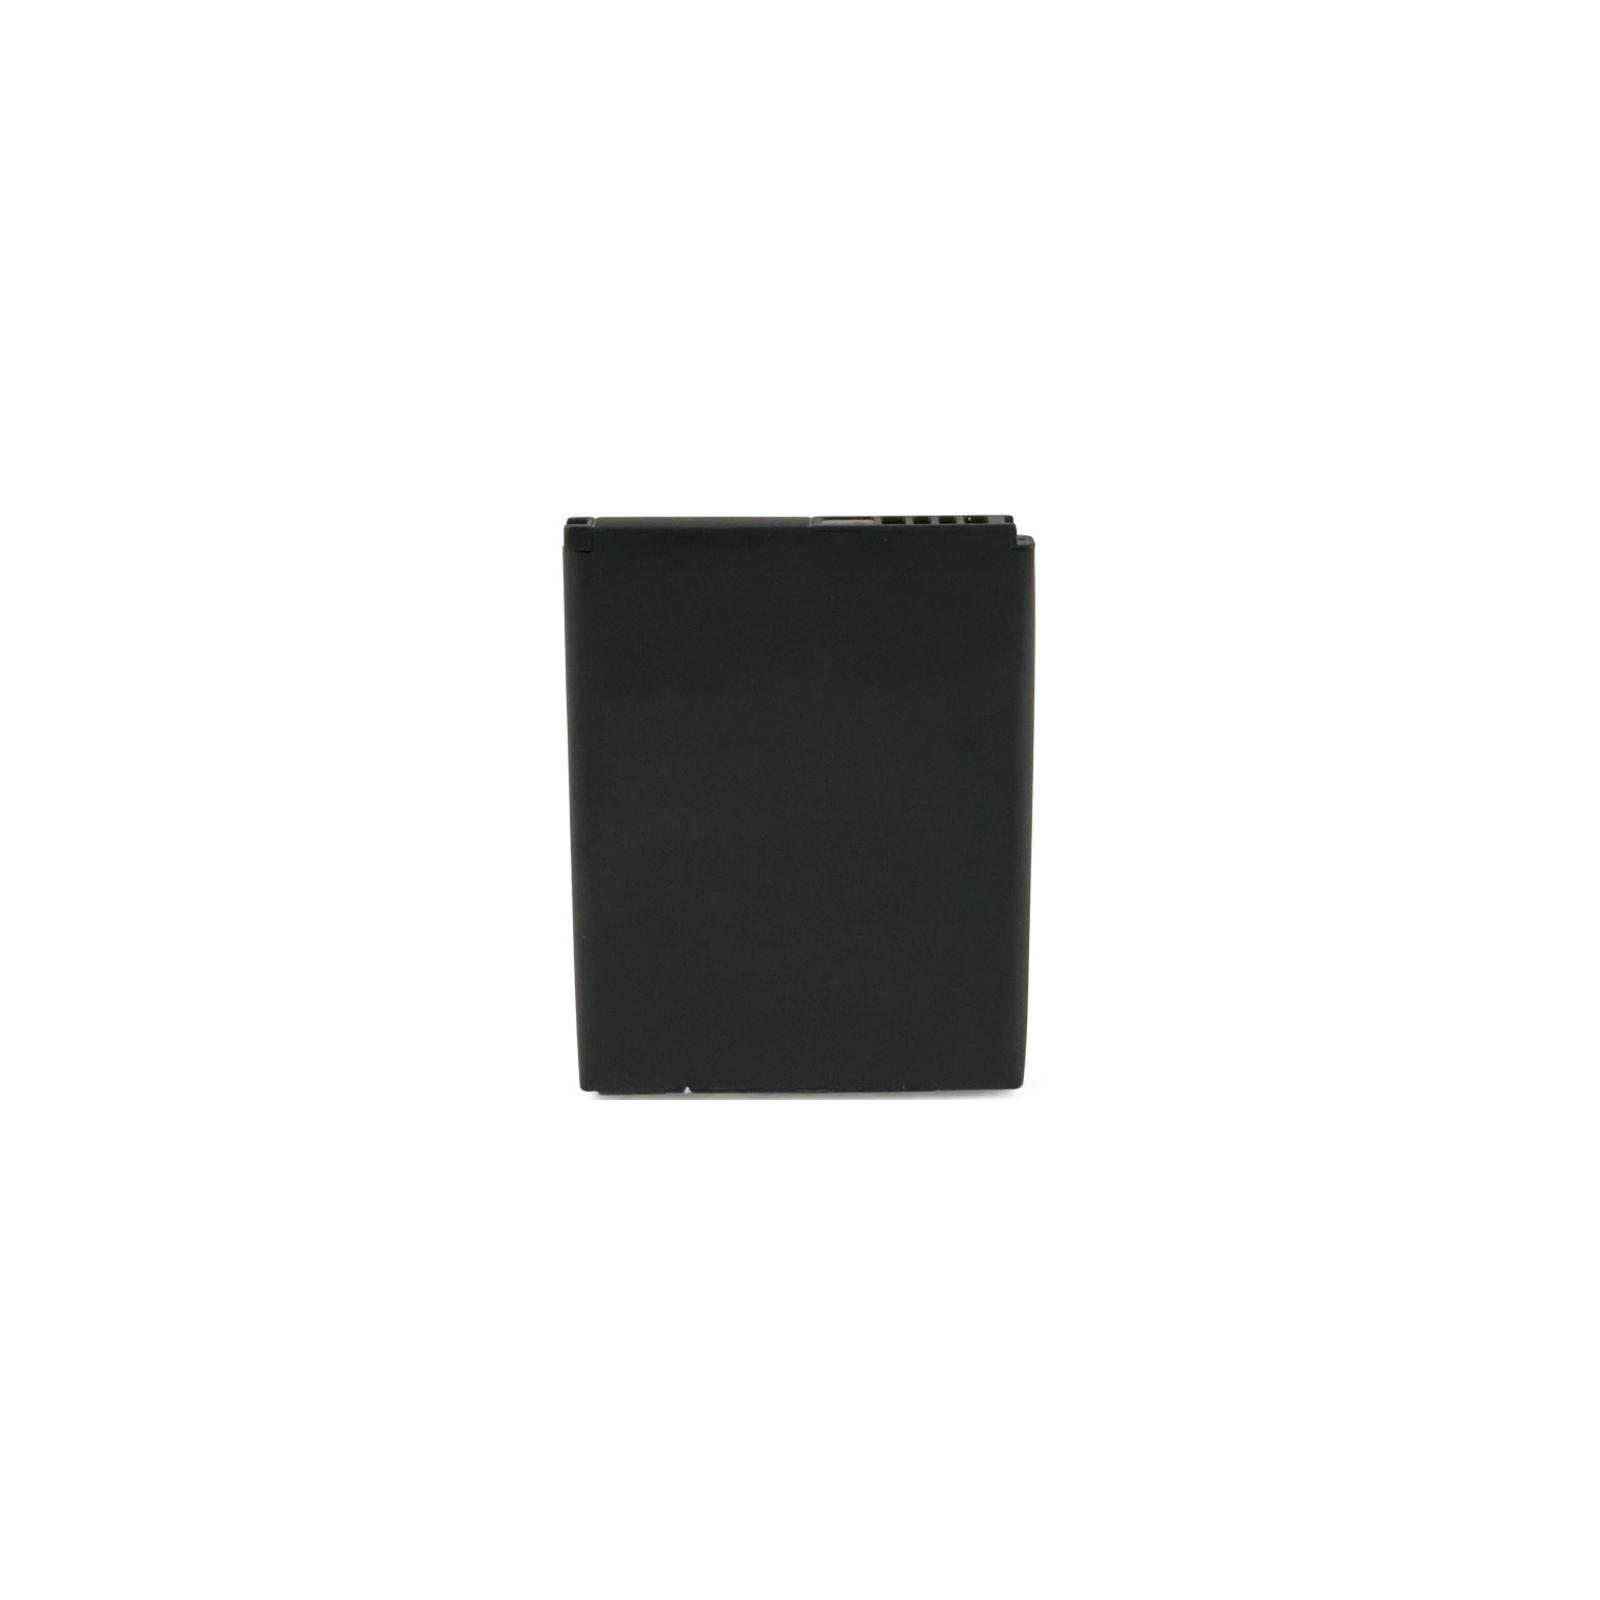 Аккумуляторная батарея EXTRADIGITAL HTC Desire 600 (1800 mAh) (BMH6236) изображение 2